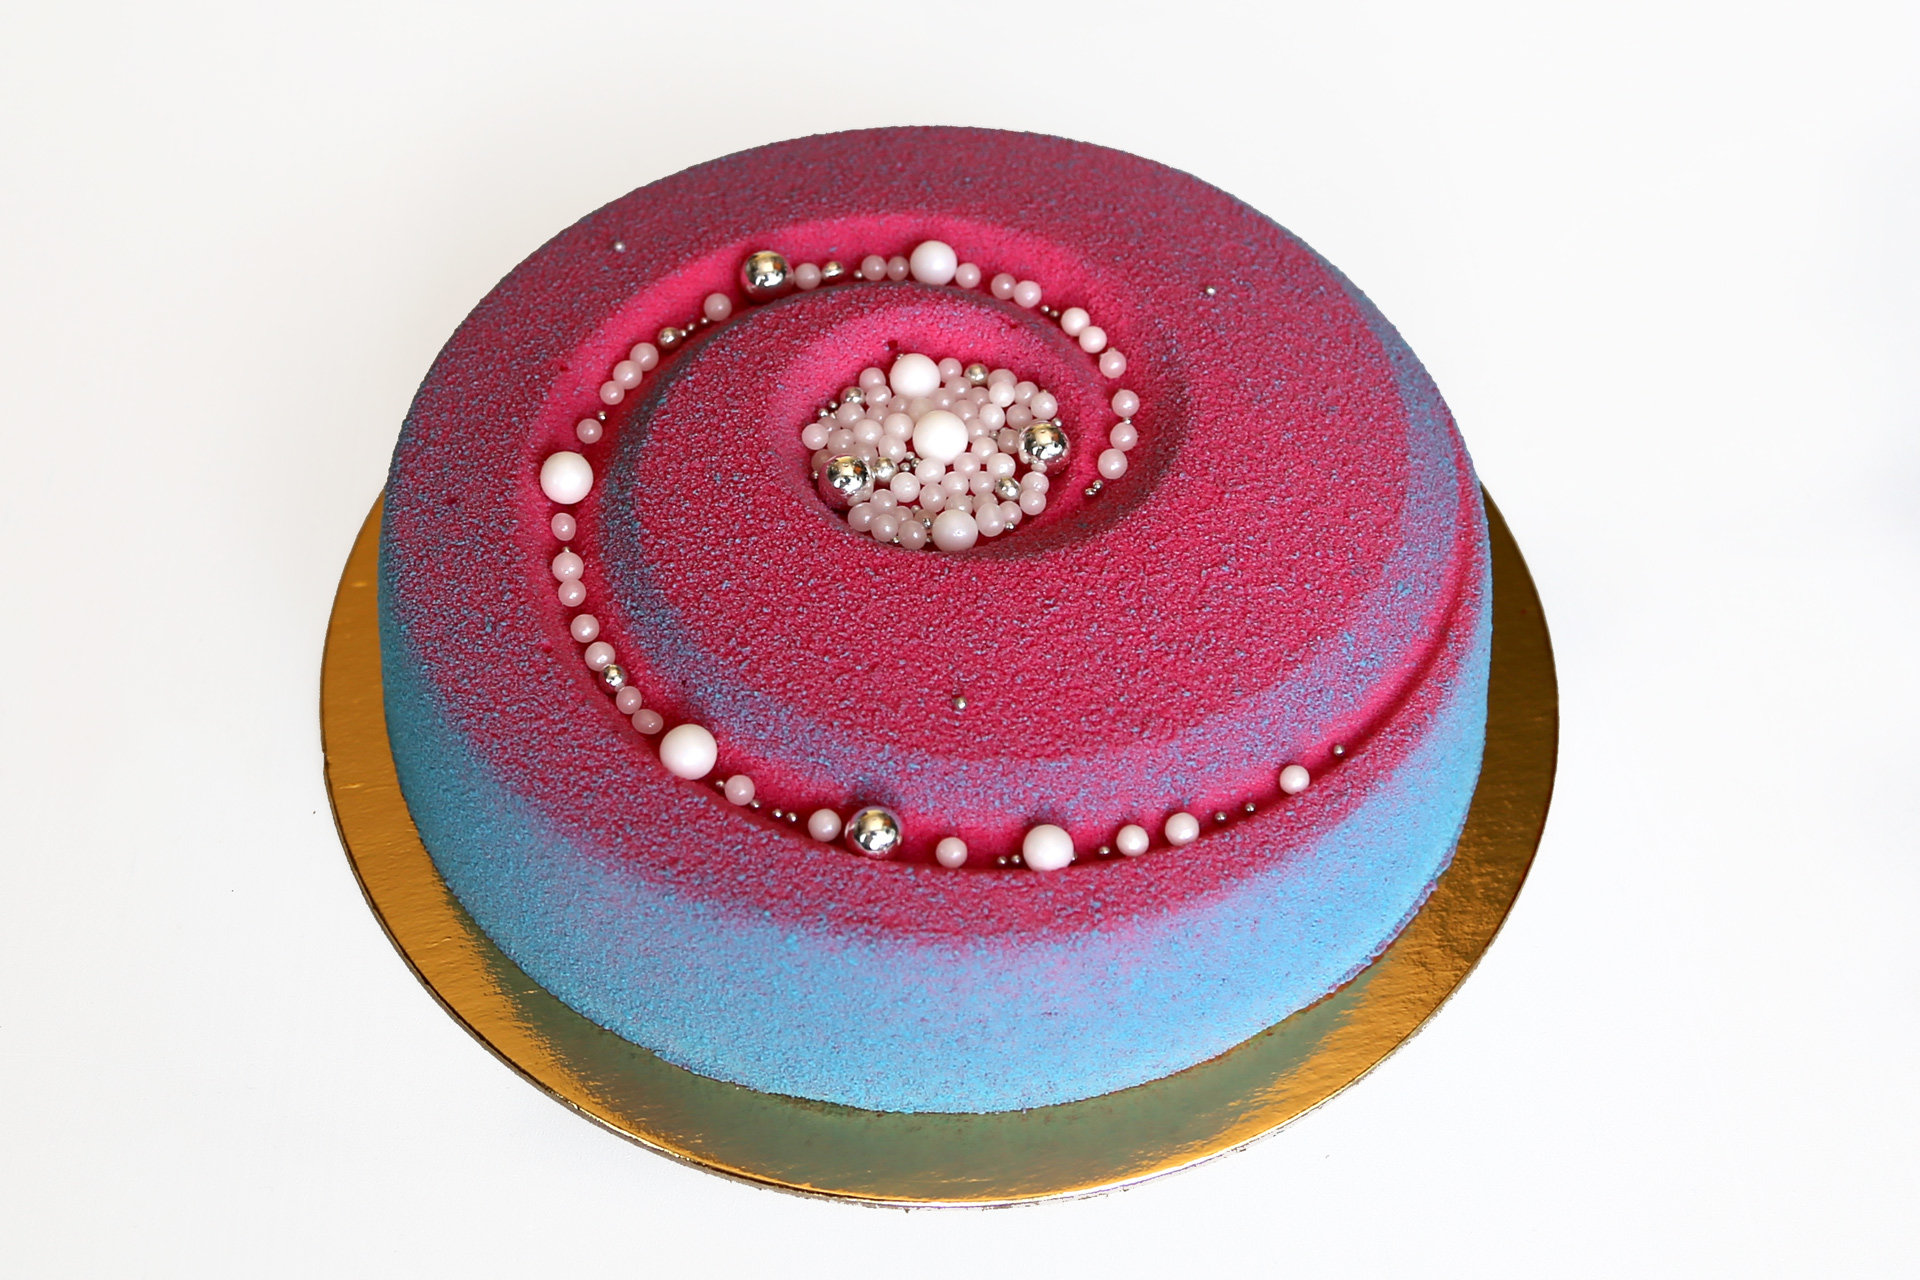 Велюр для торта